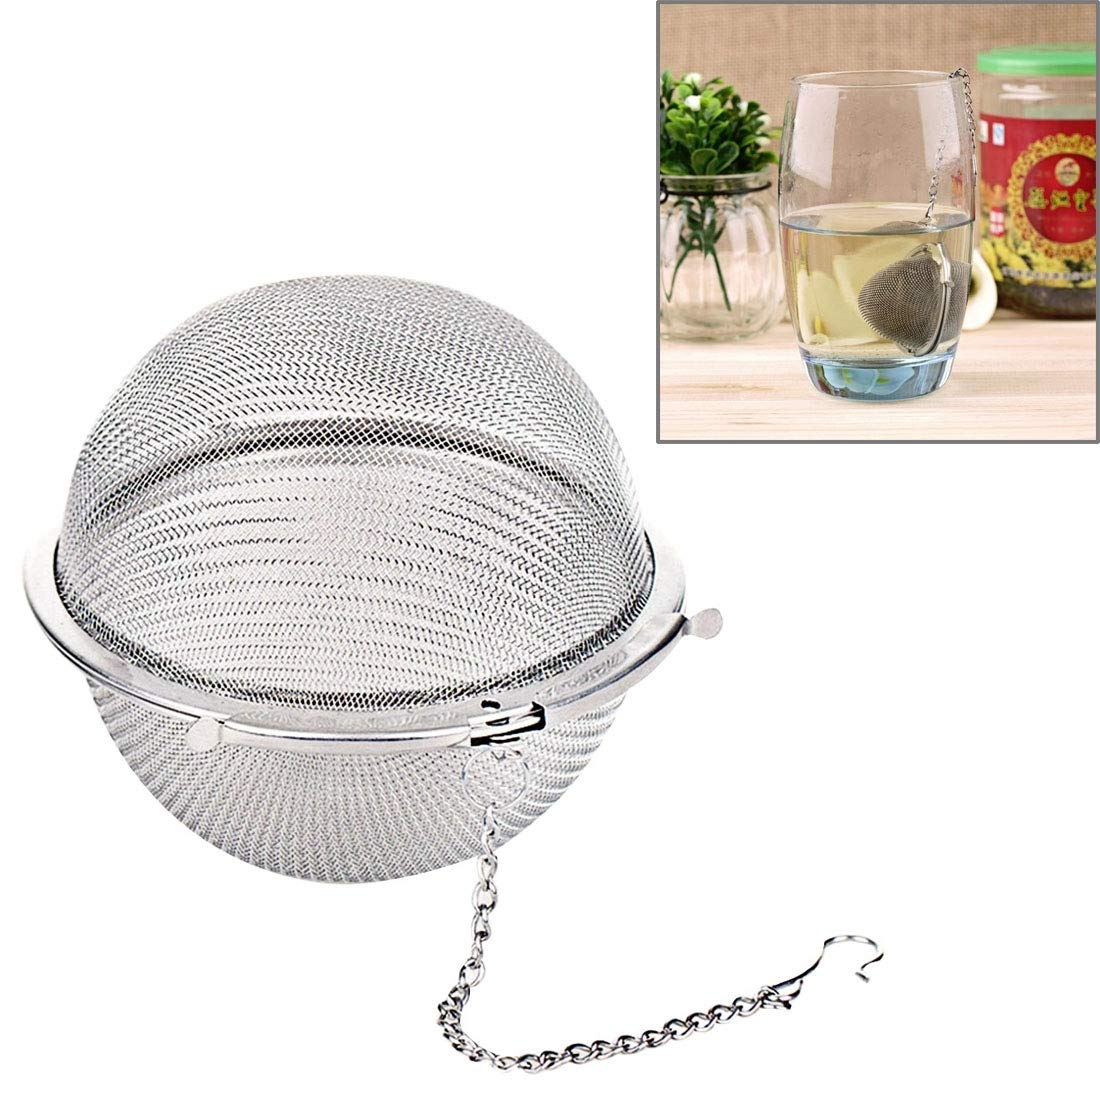 Ustensiles de cuisine Passoire à thé sphérique en acier inoxydable pour la filtration des débris Vie pratique